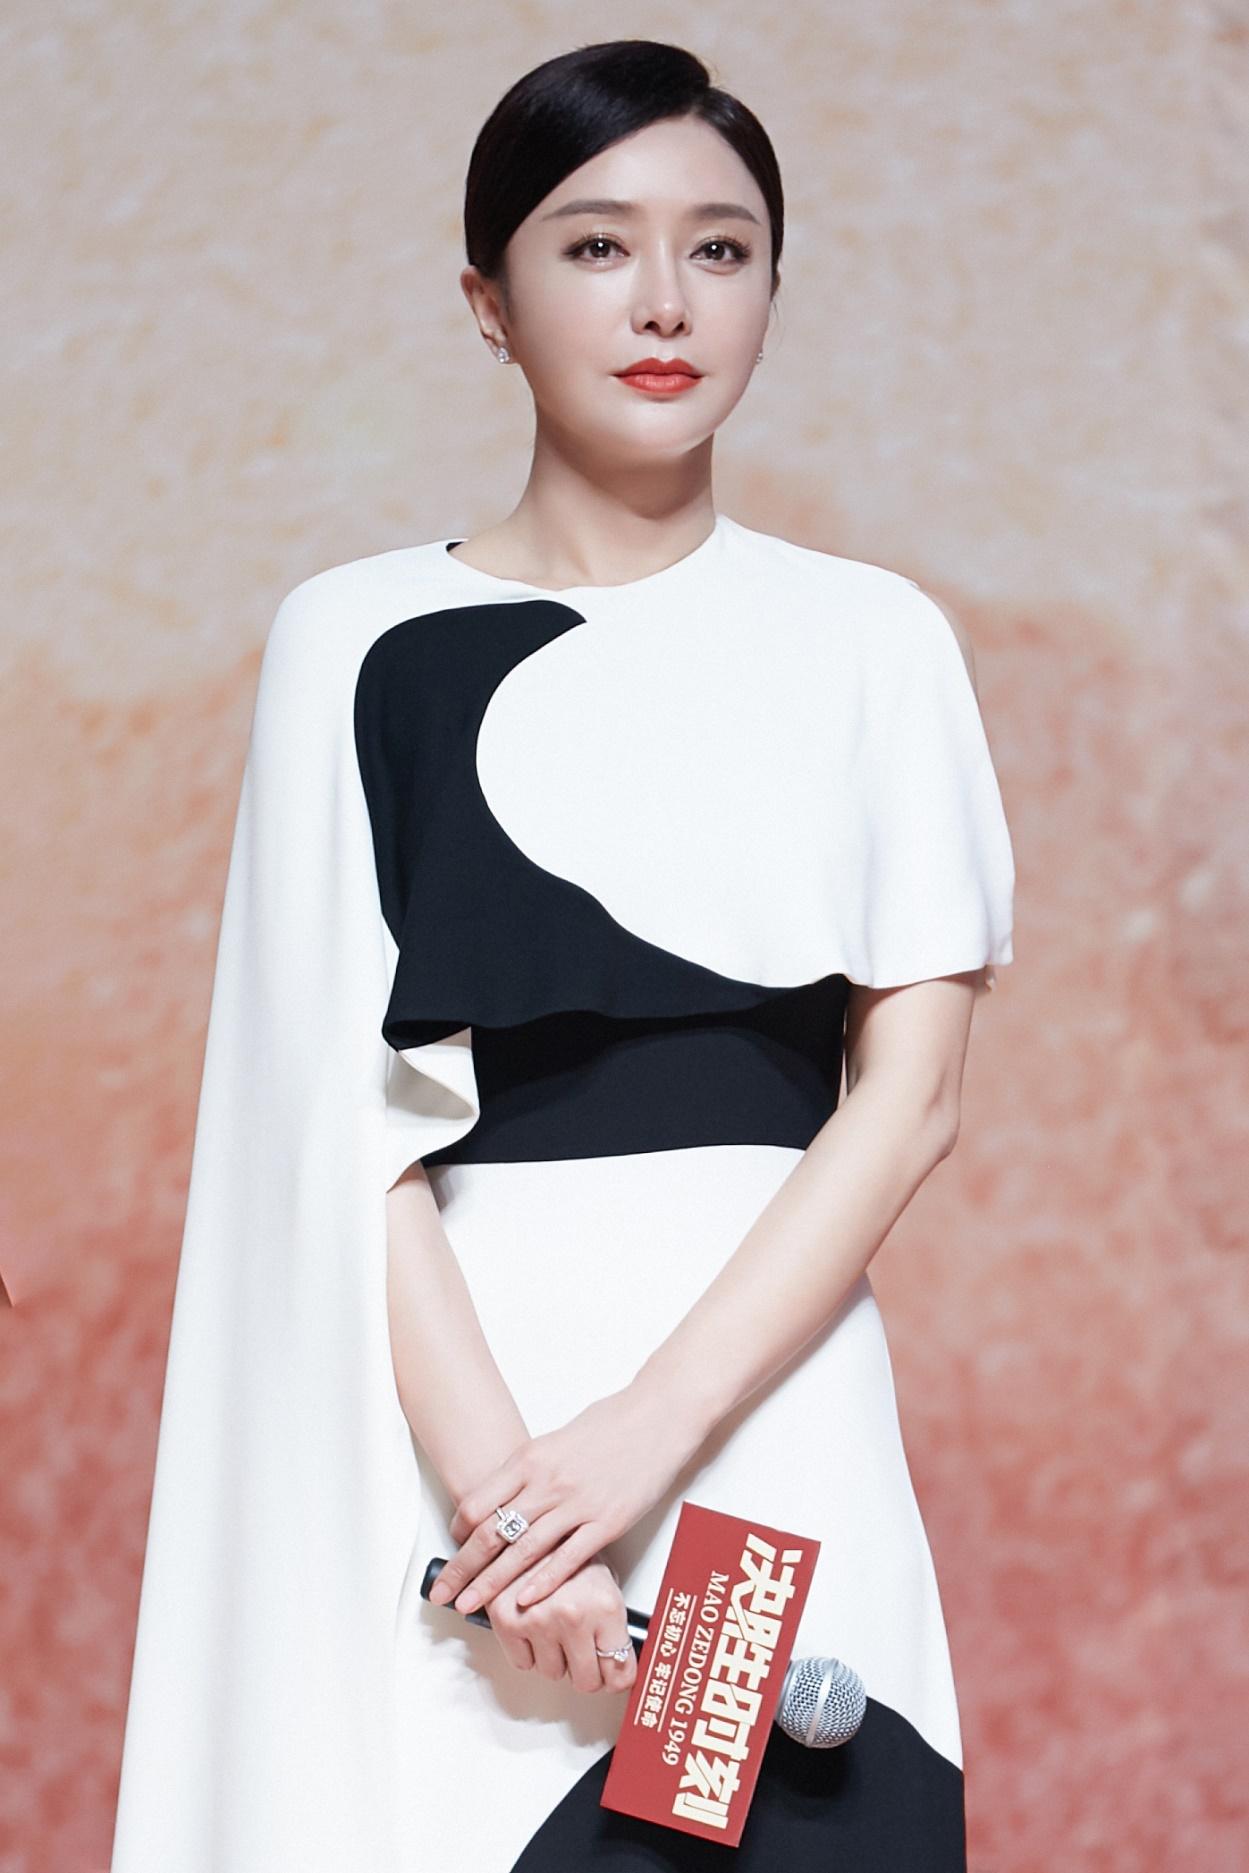 秦嵐的大紅唇真是惹眼,穿黑白拼接長裙高級又大氣,這馬尾好精致